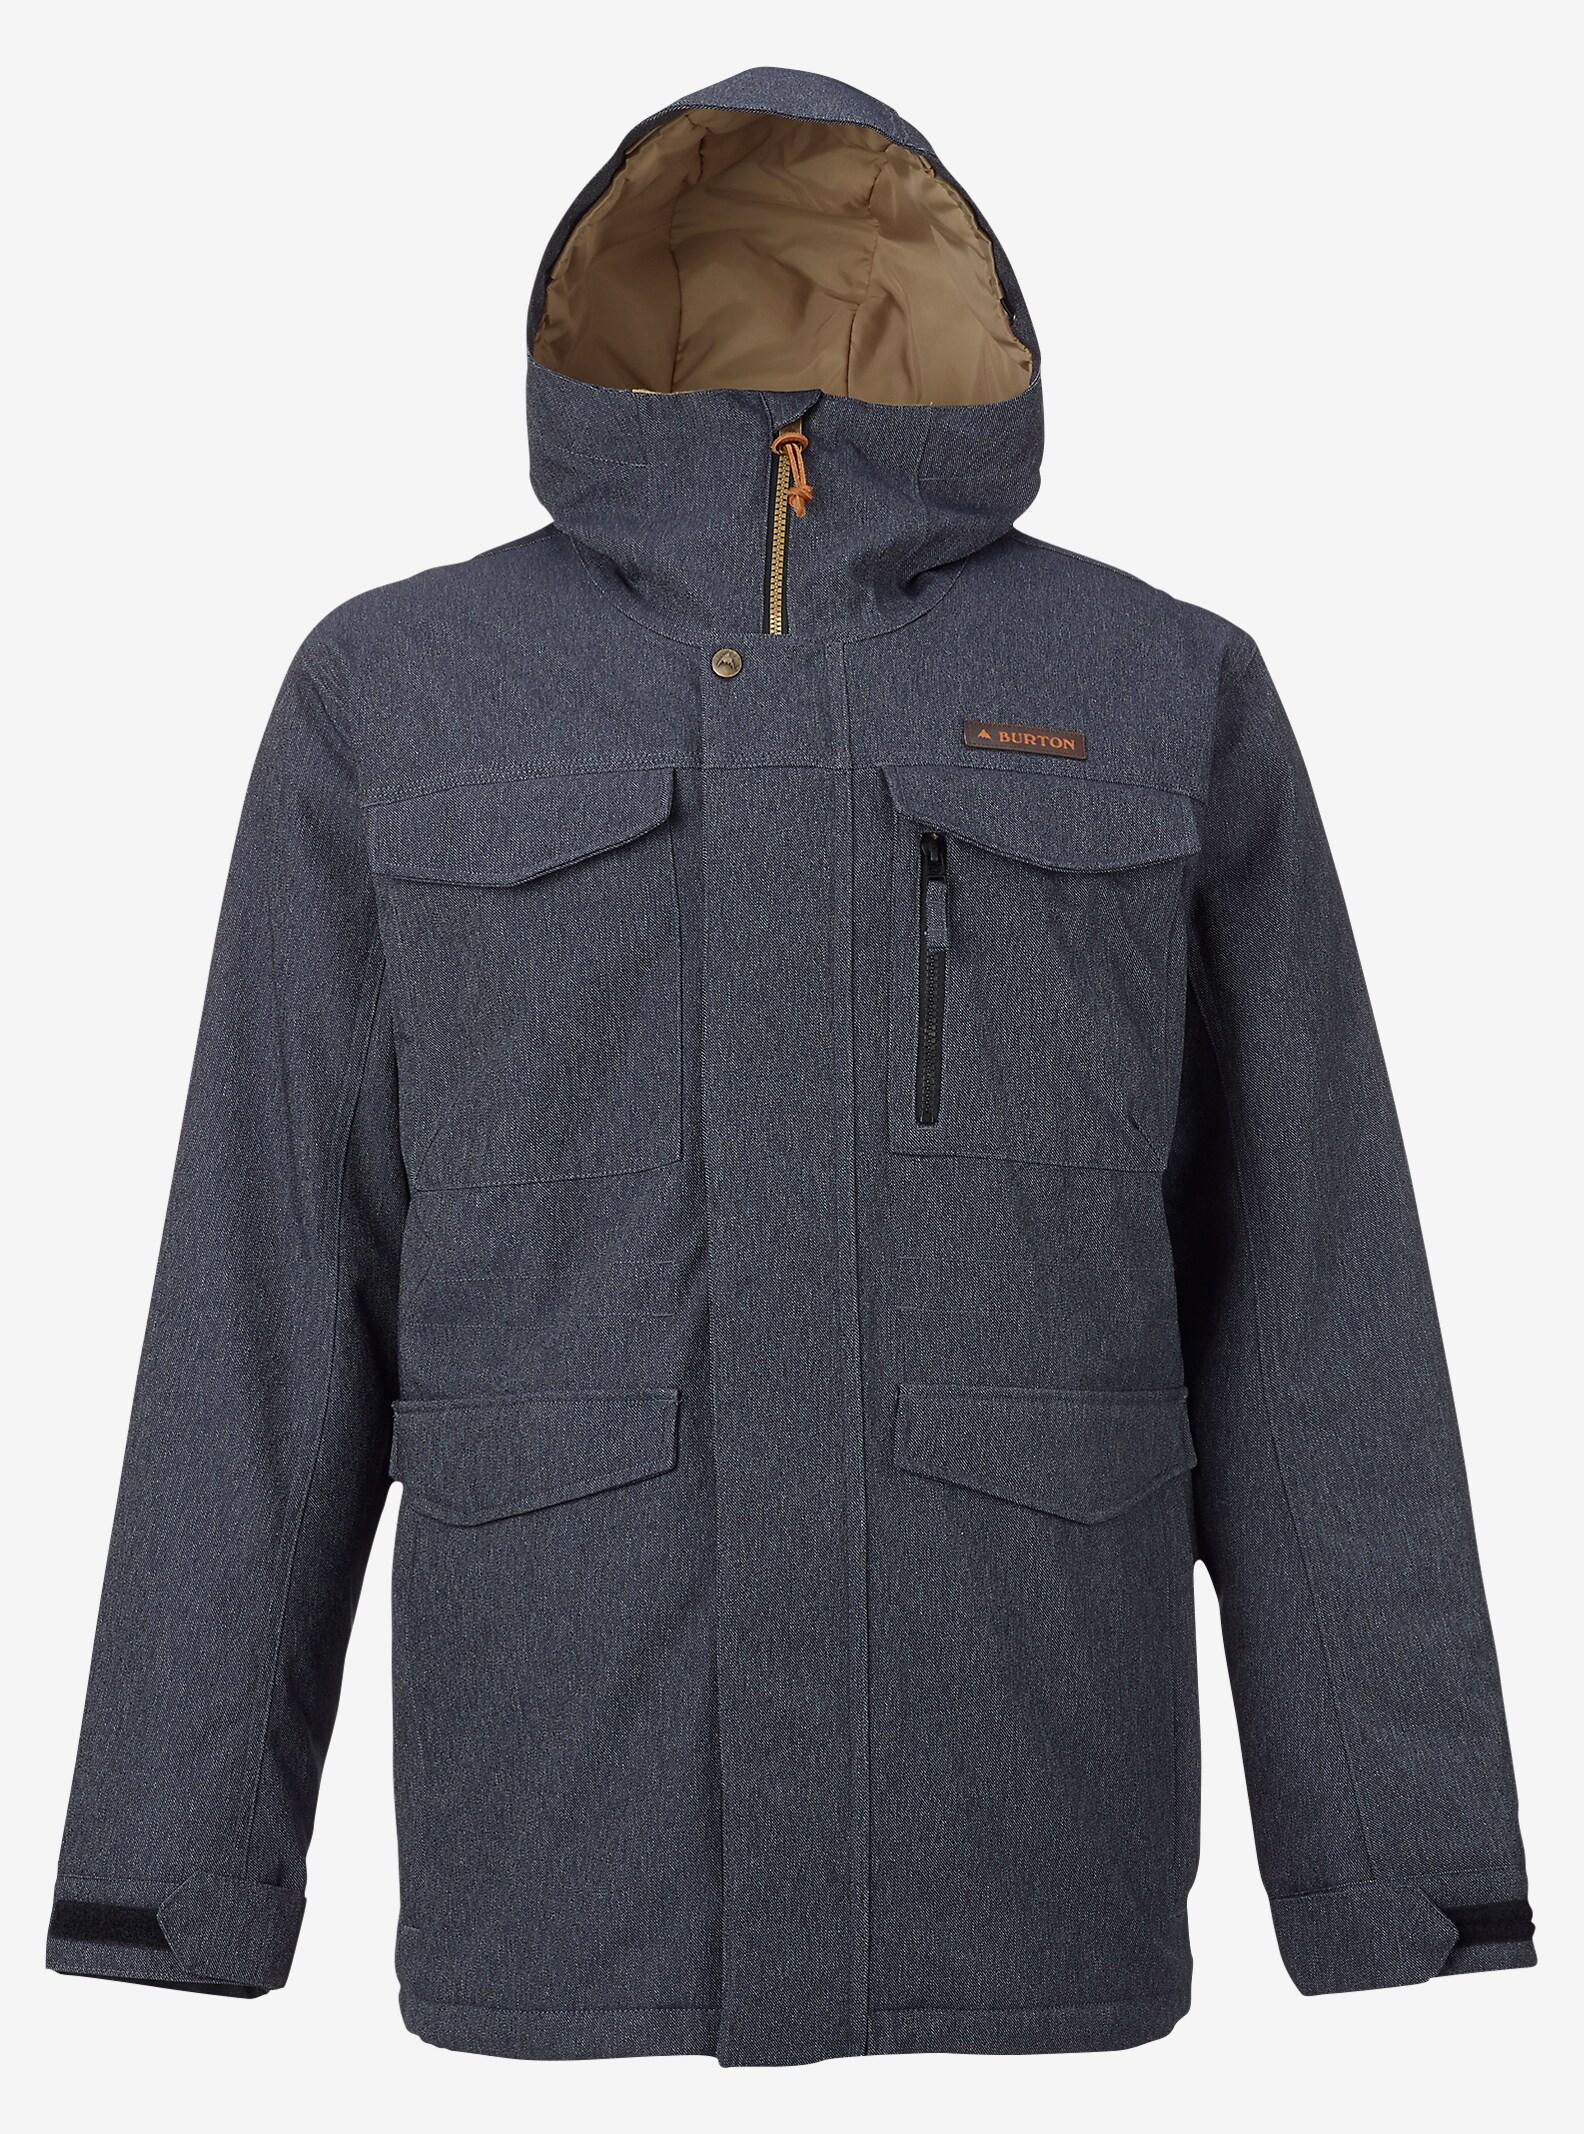 Burton Covert Jacket shown in Denim